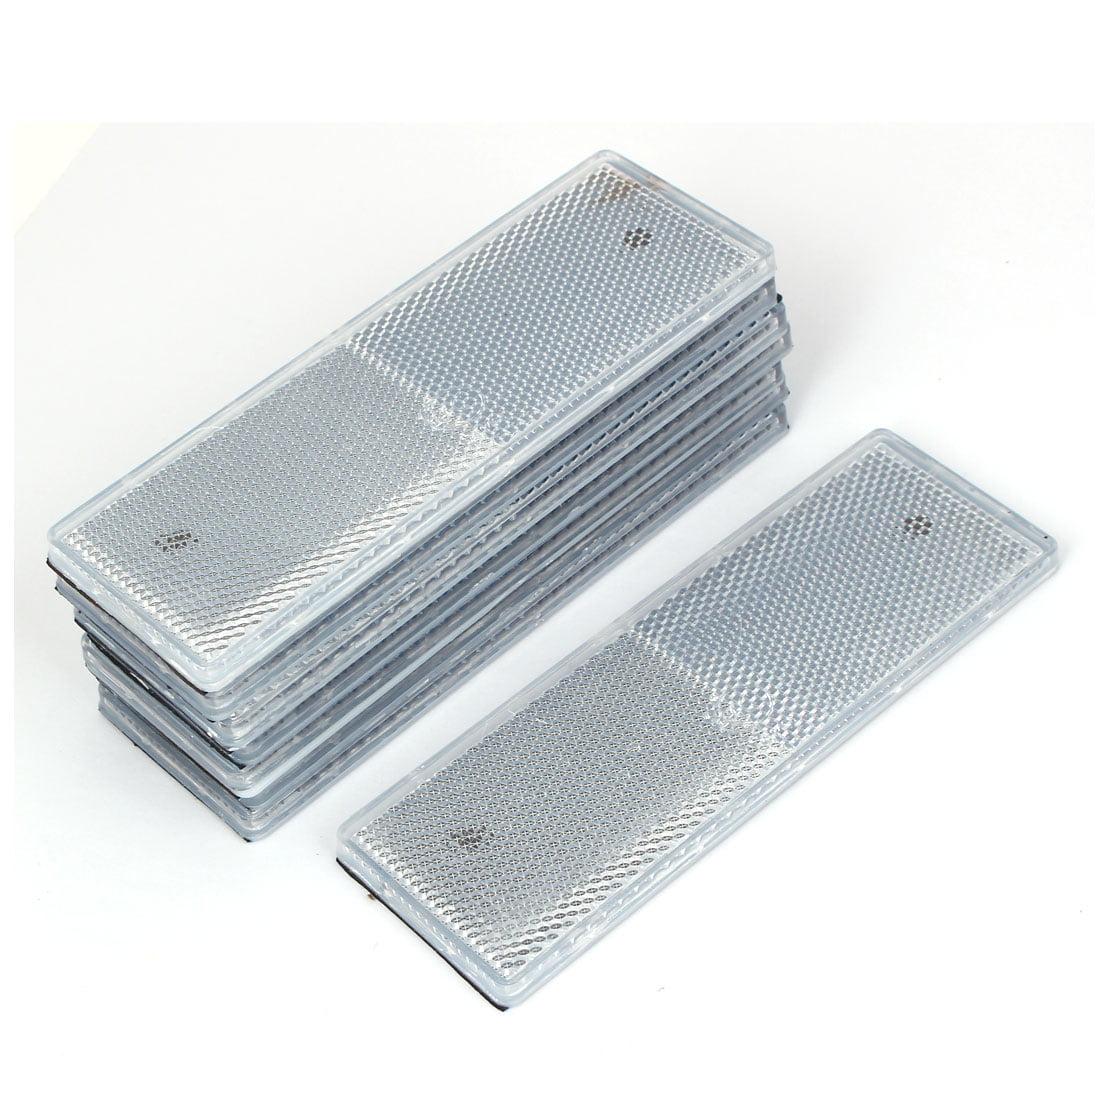 Plastic Rectangle Reflective Warning Vehicle  Reflector Plates White 8 Pcs